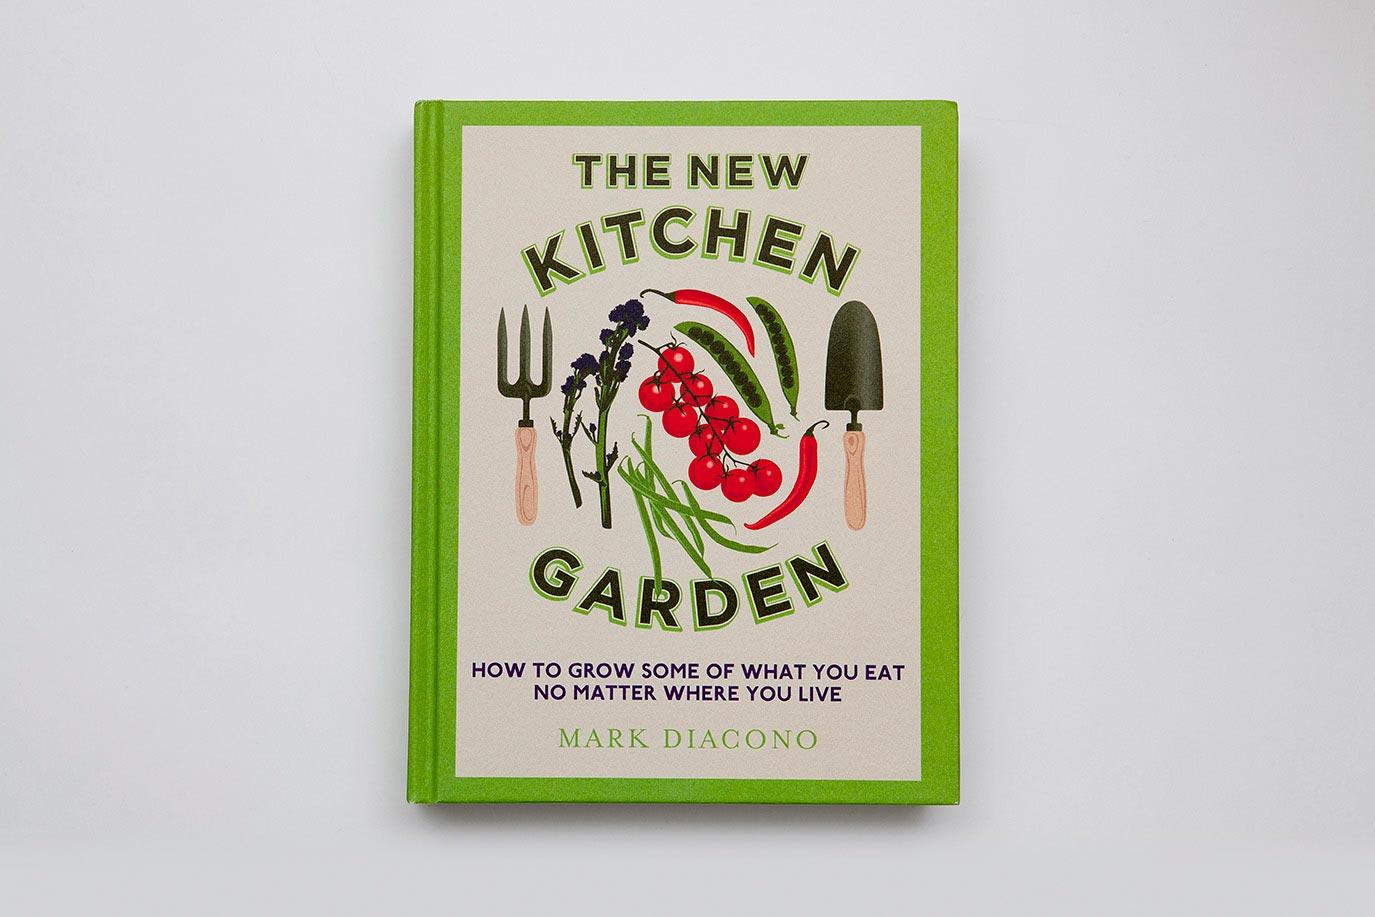 New Kitchen Garden graphic